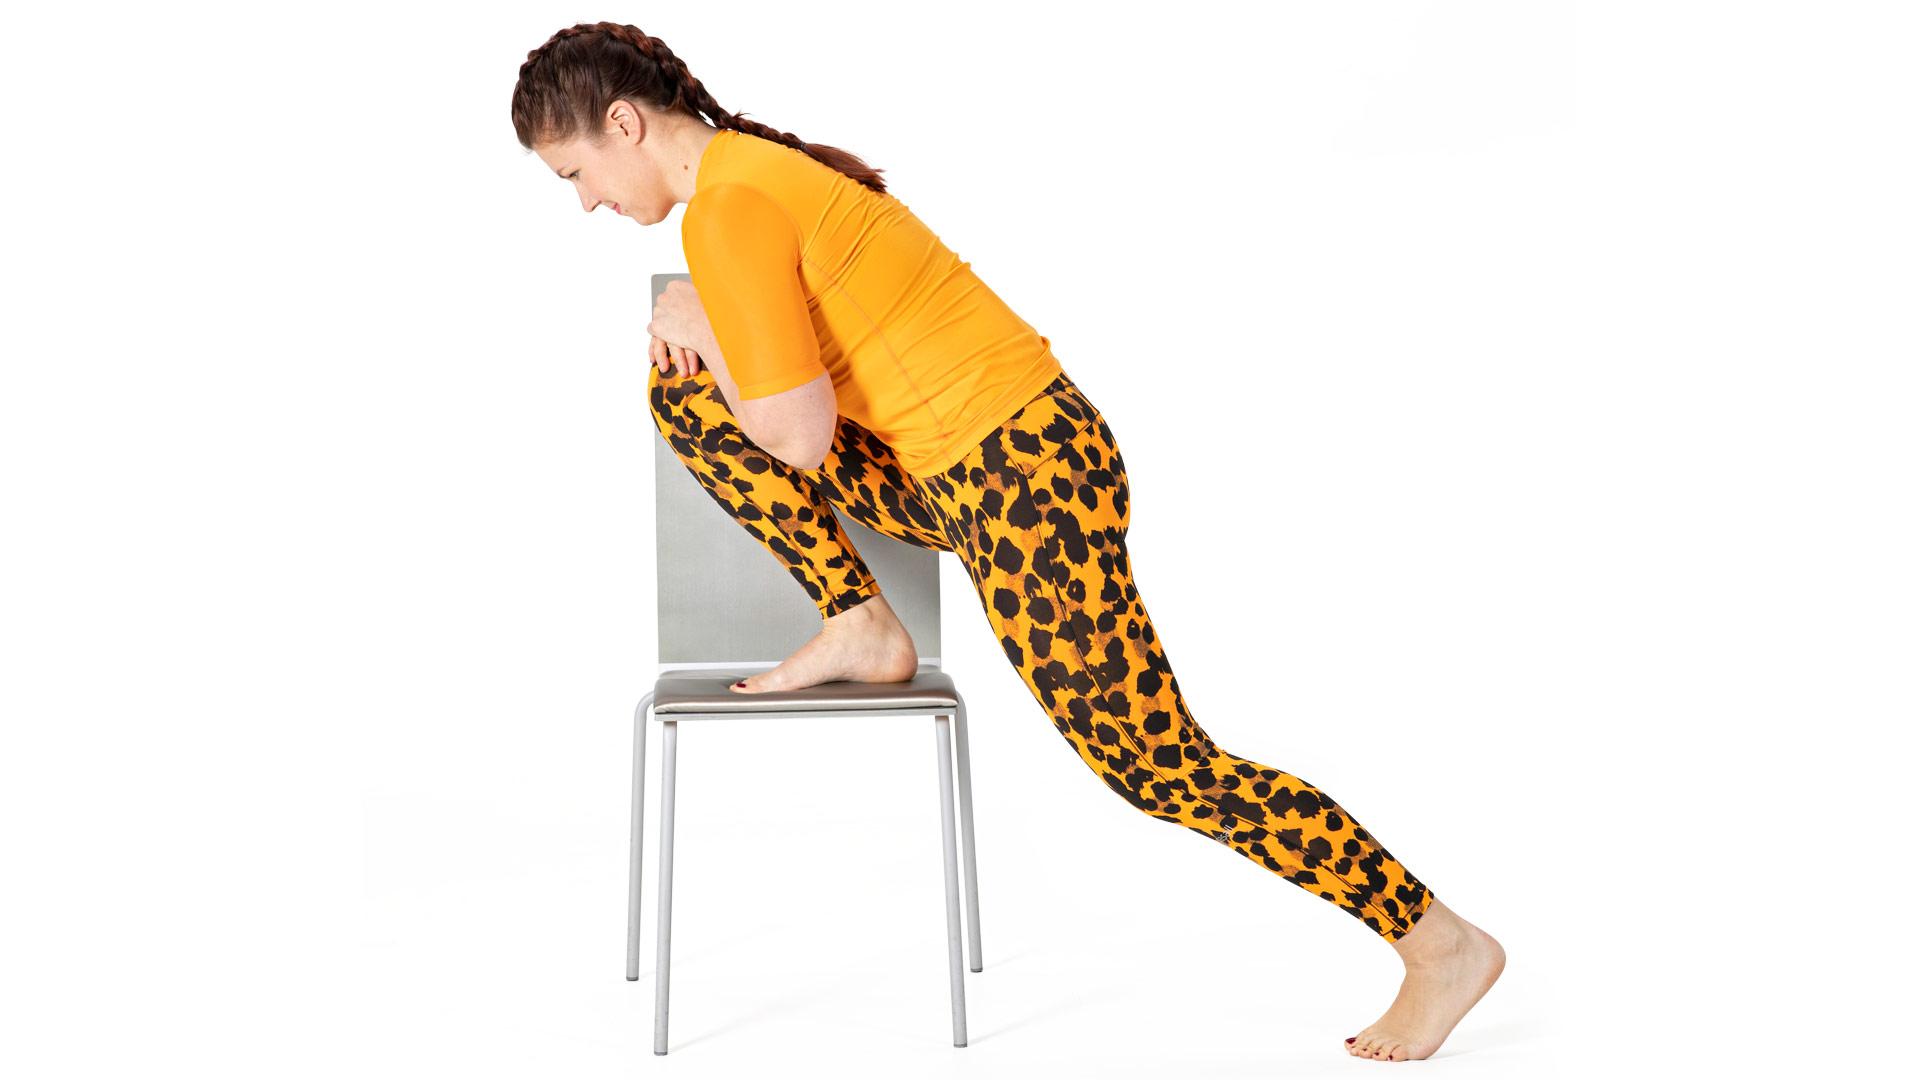 Akillesjänteen kipeytyminen on tyypillistä juoksukauden alkaessa, kun rasitus lisääntyy yhtäkkisesti.